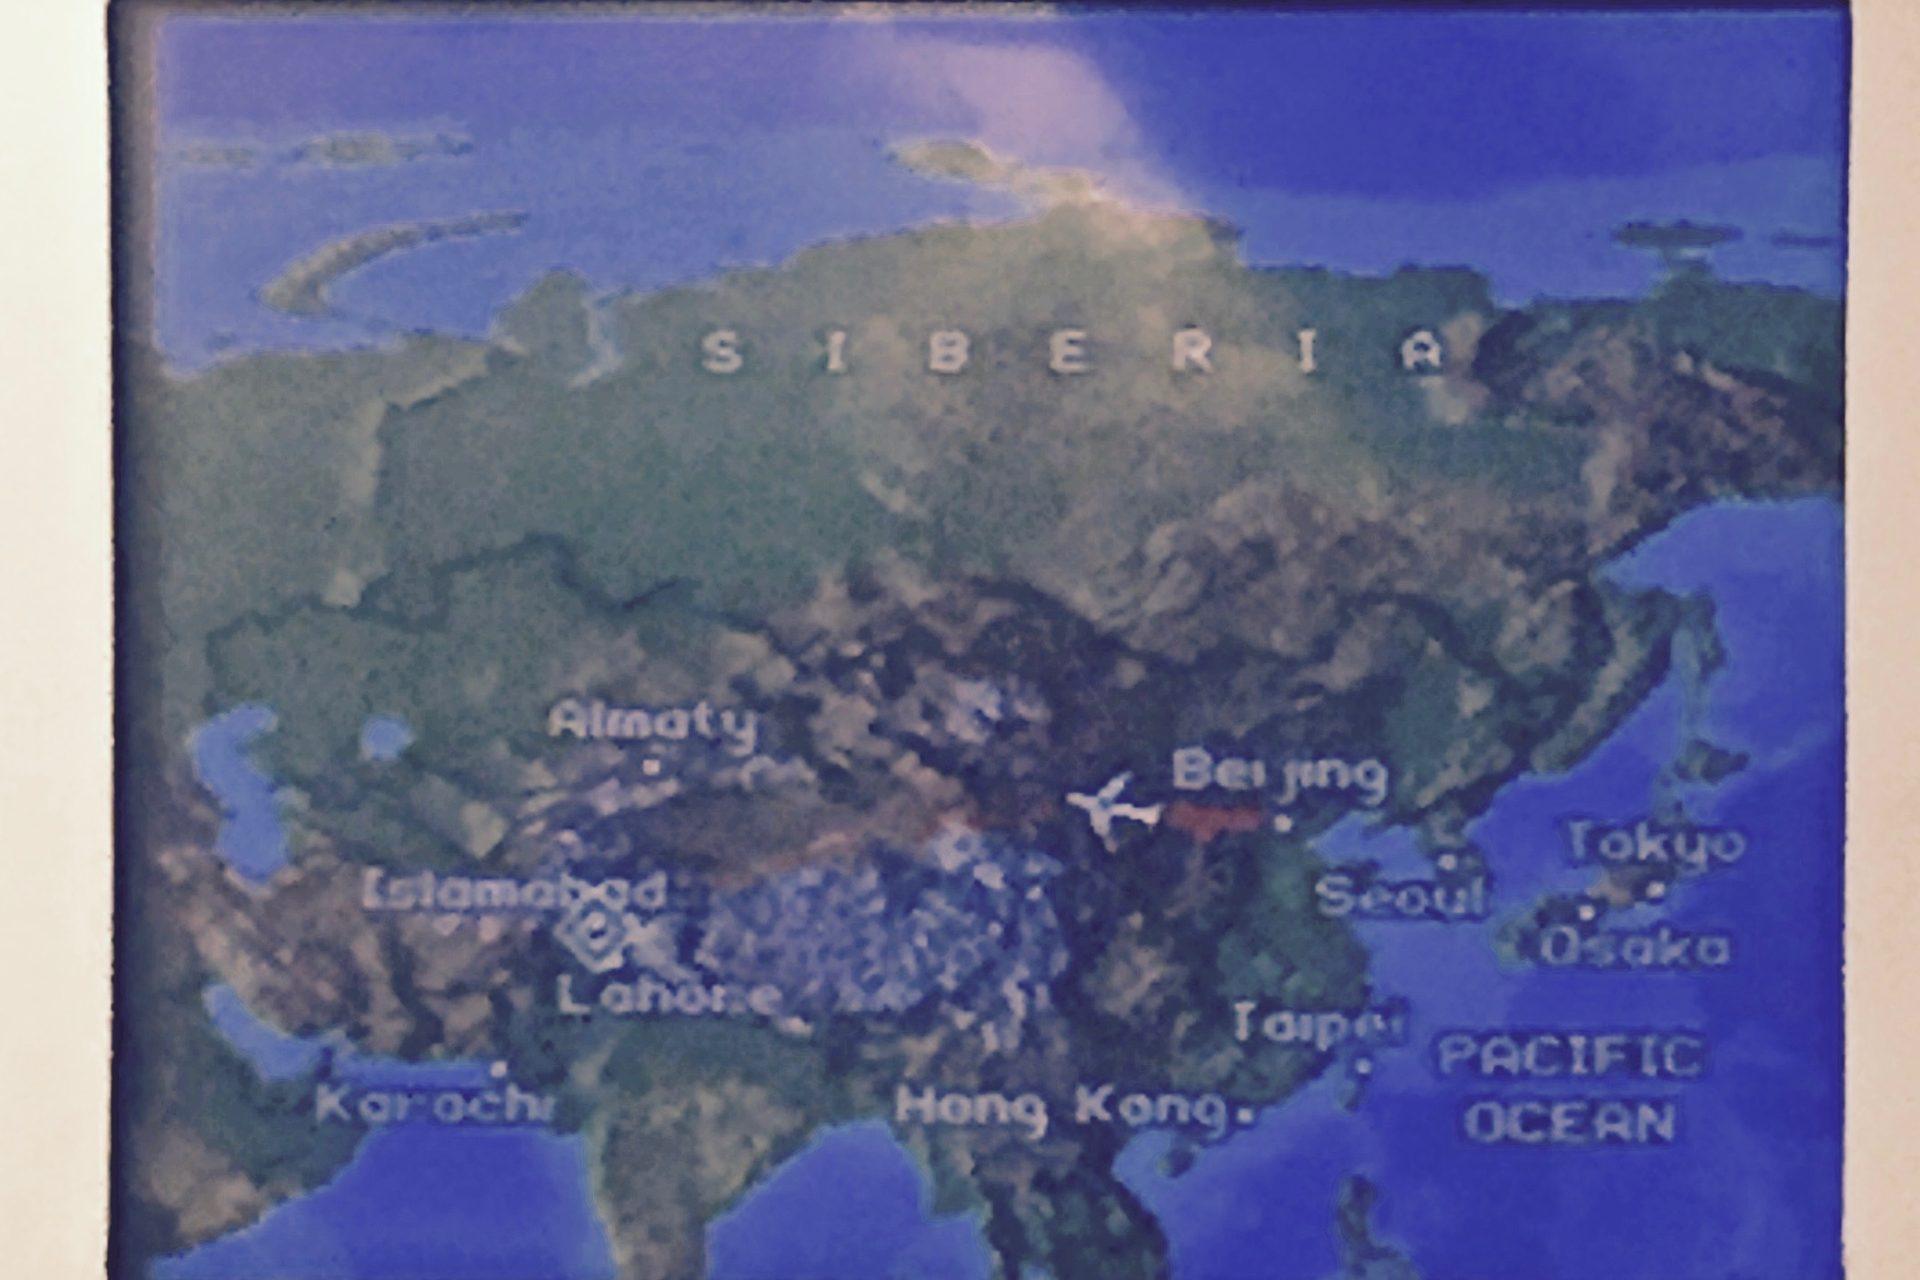 PIA空路。北京ーイスラマバード